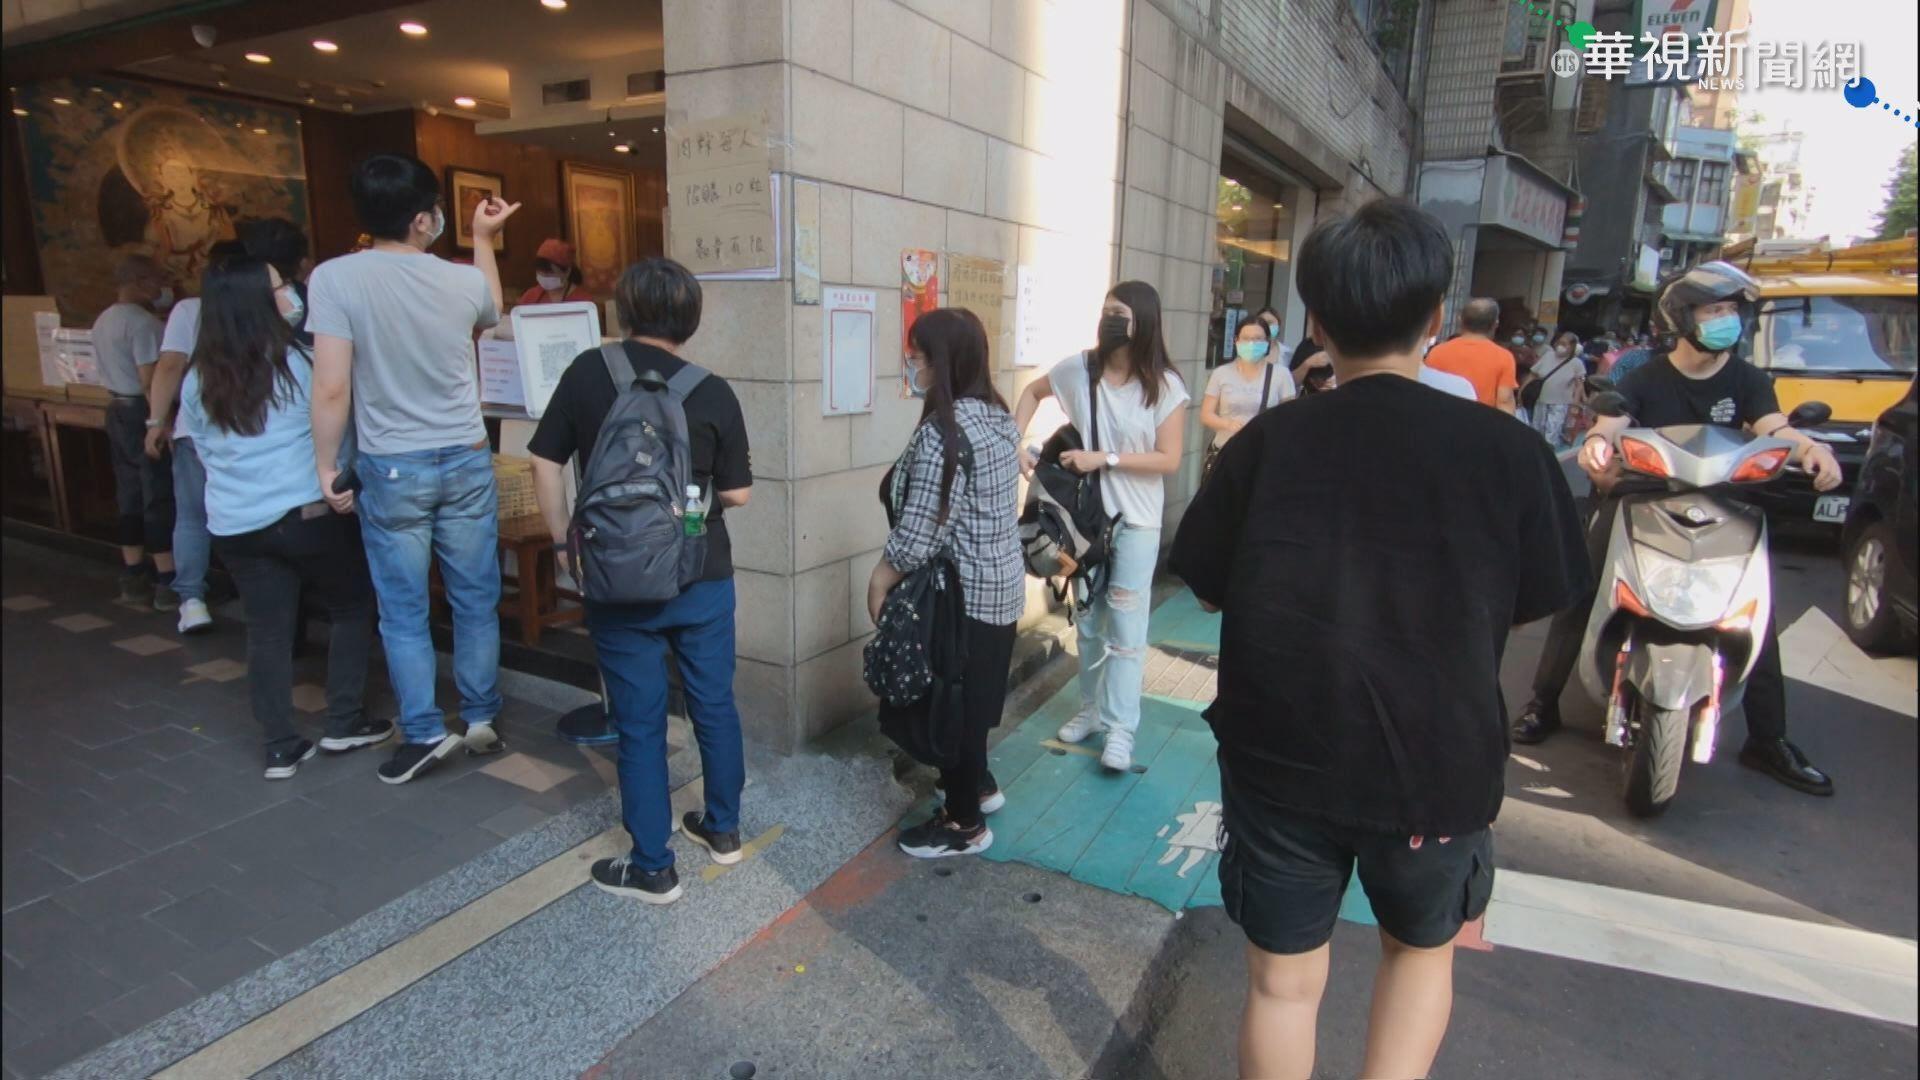 疫情衝擊 端午節台北鬧區如空城